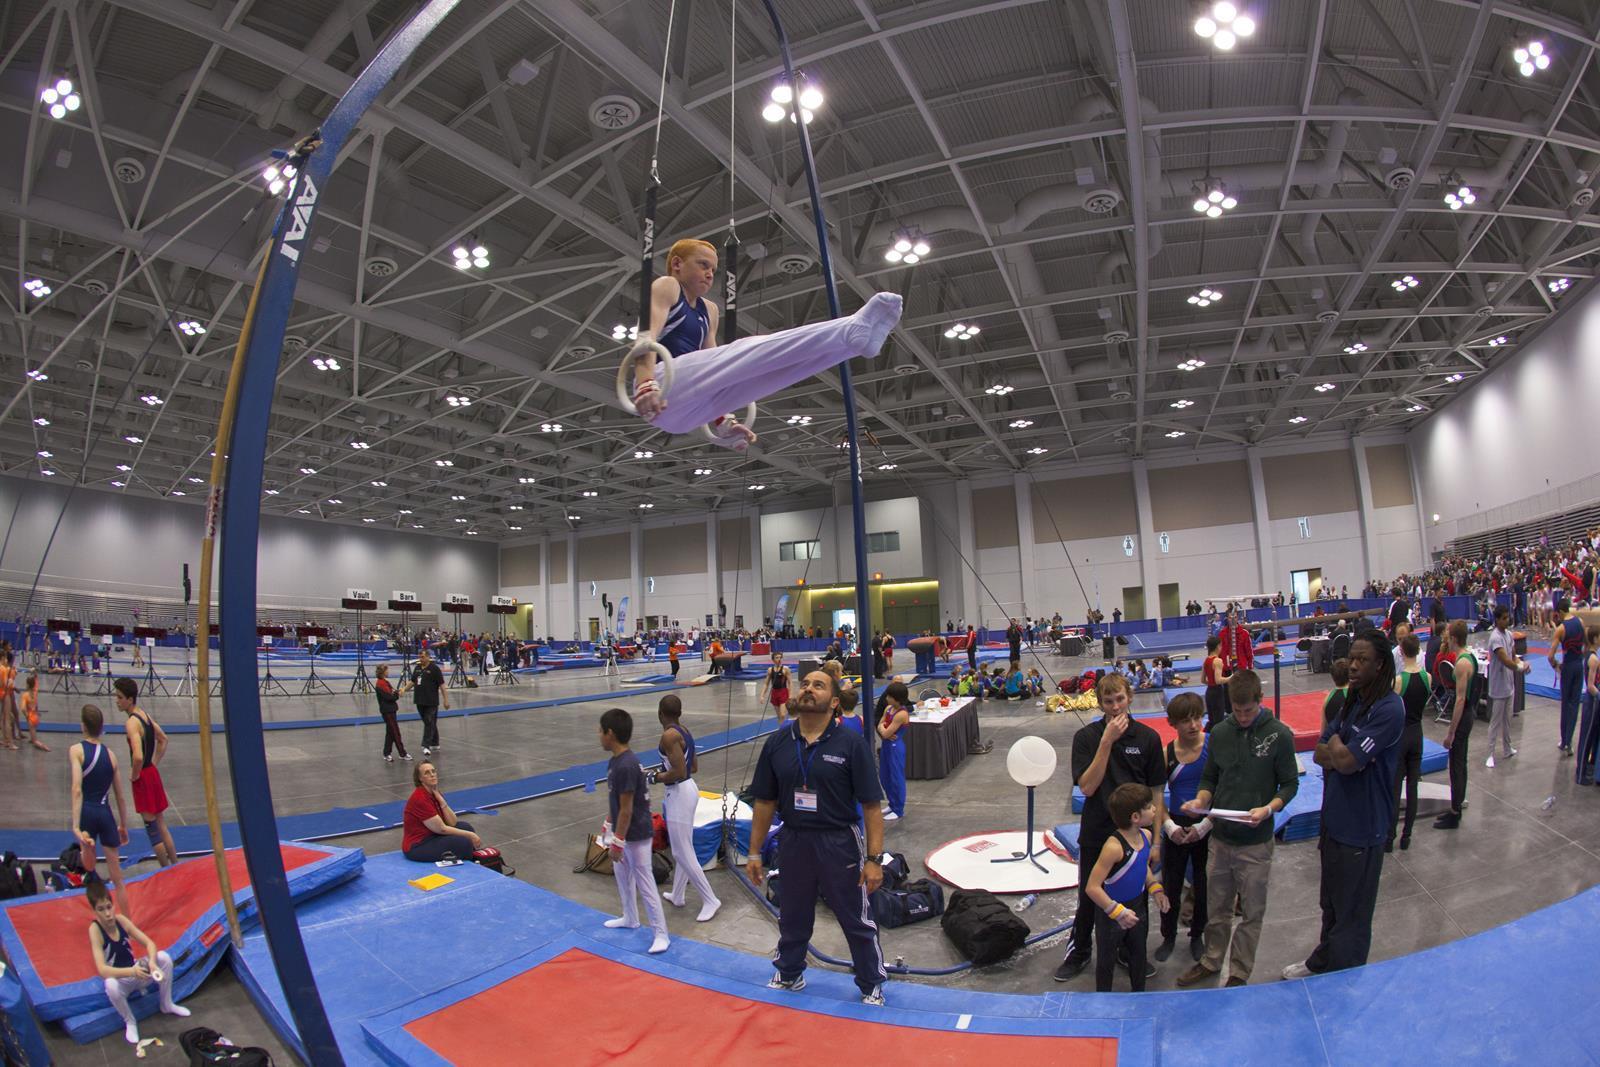 Venues Virginia Beach Convention Center - Car show at virginia beach convention center